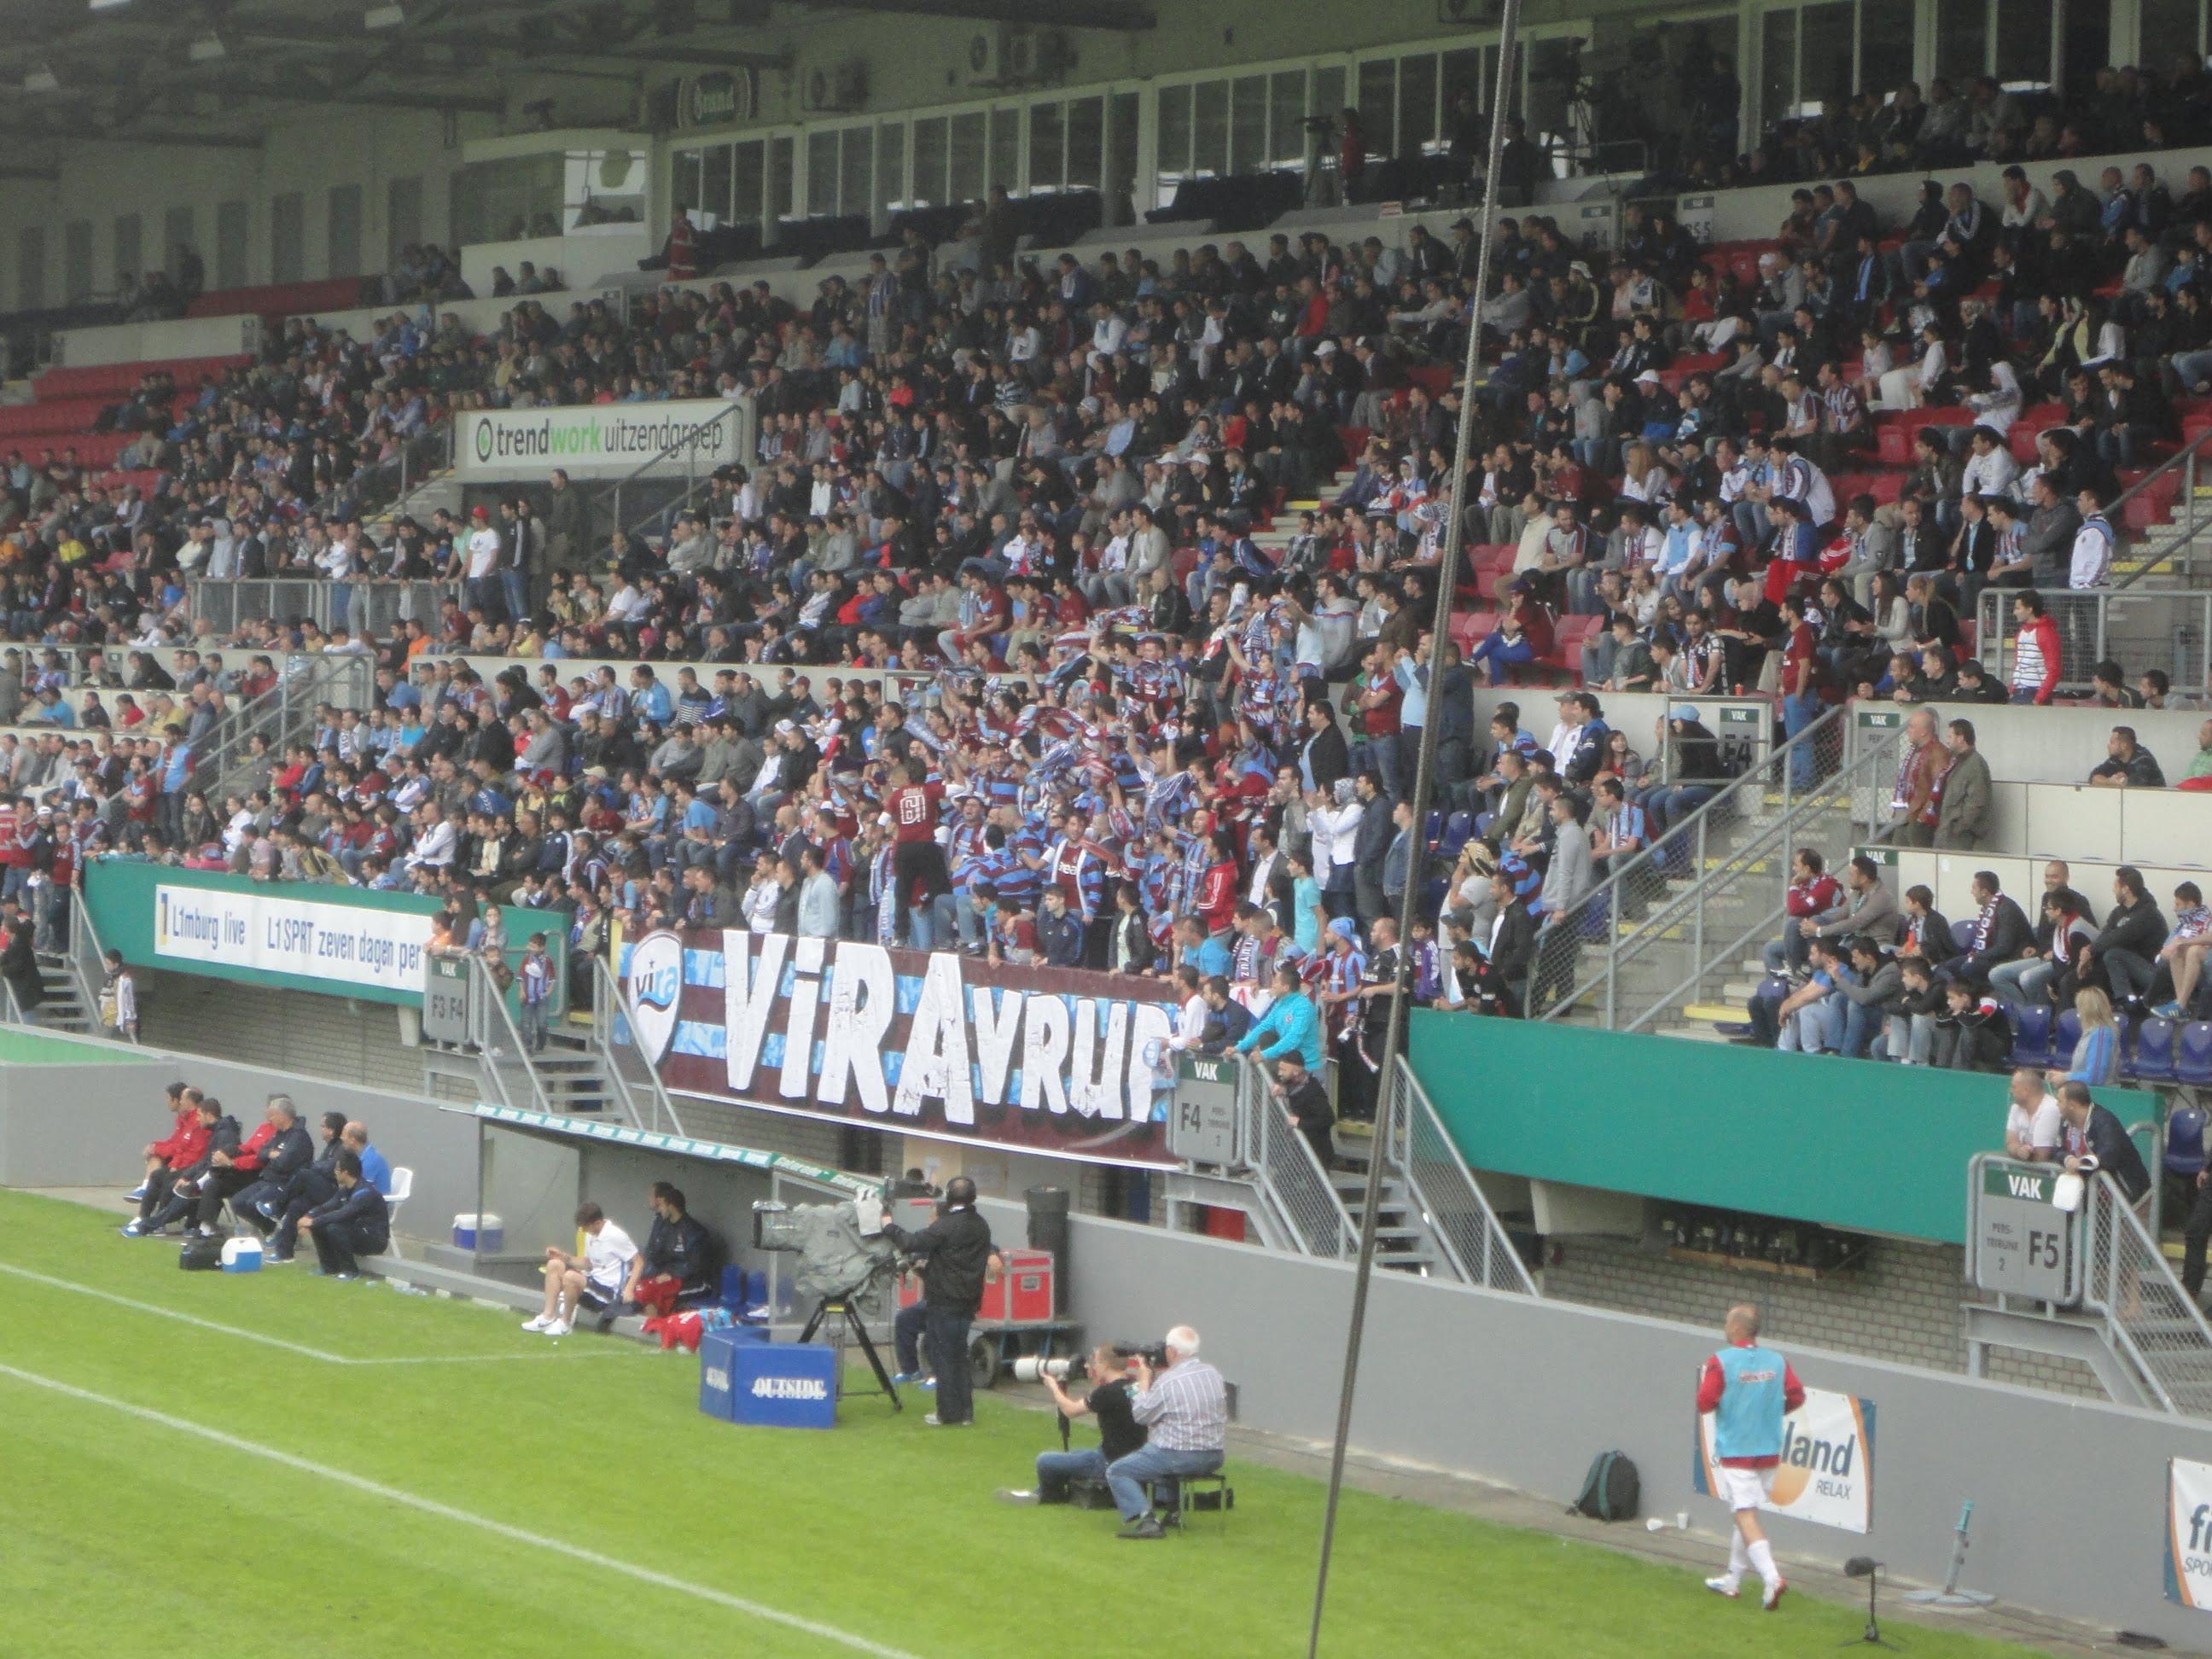 Oefenen in de TWA: Trabzonspor vs. Standard de Liège